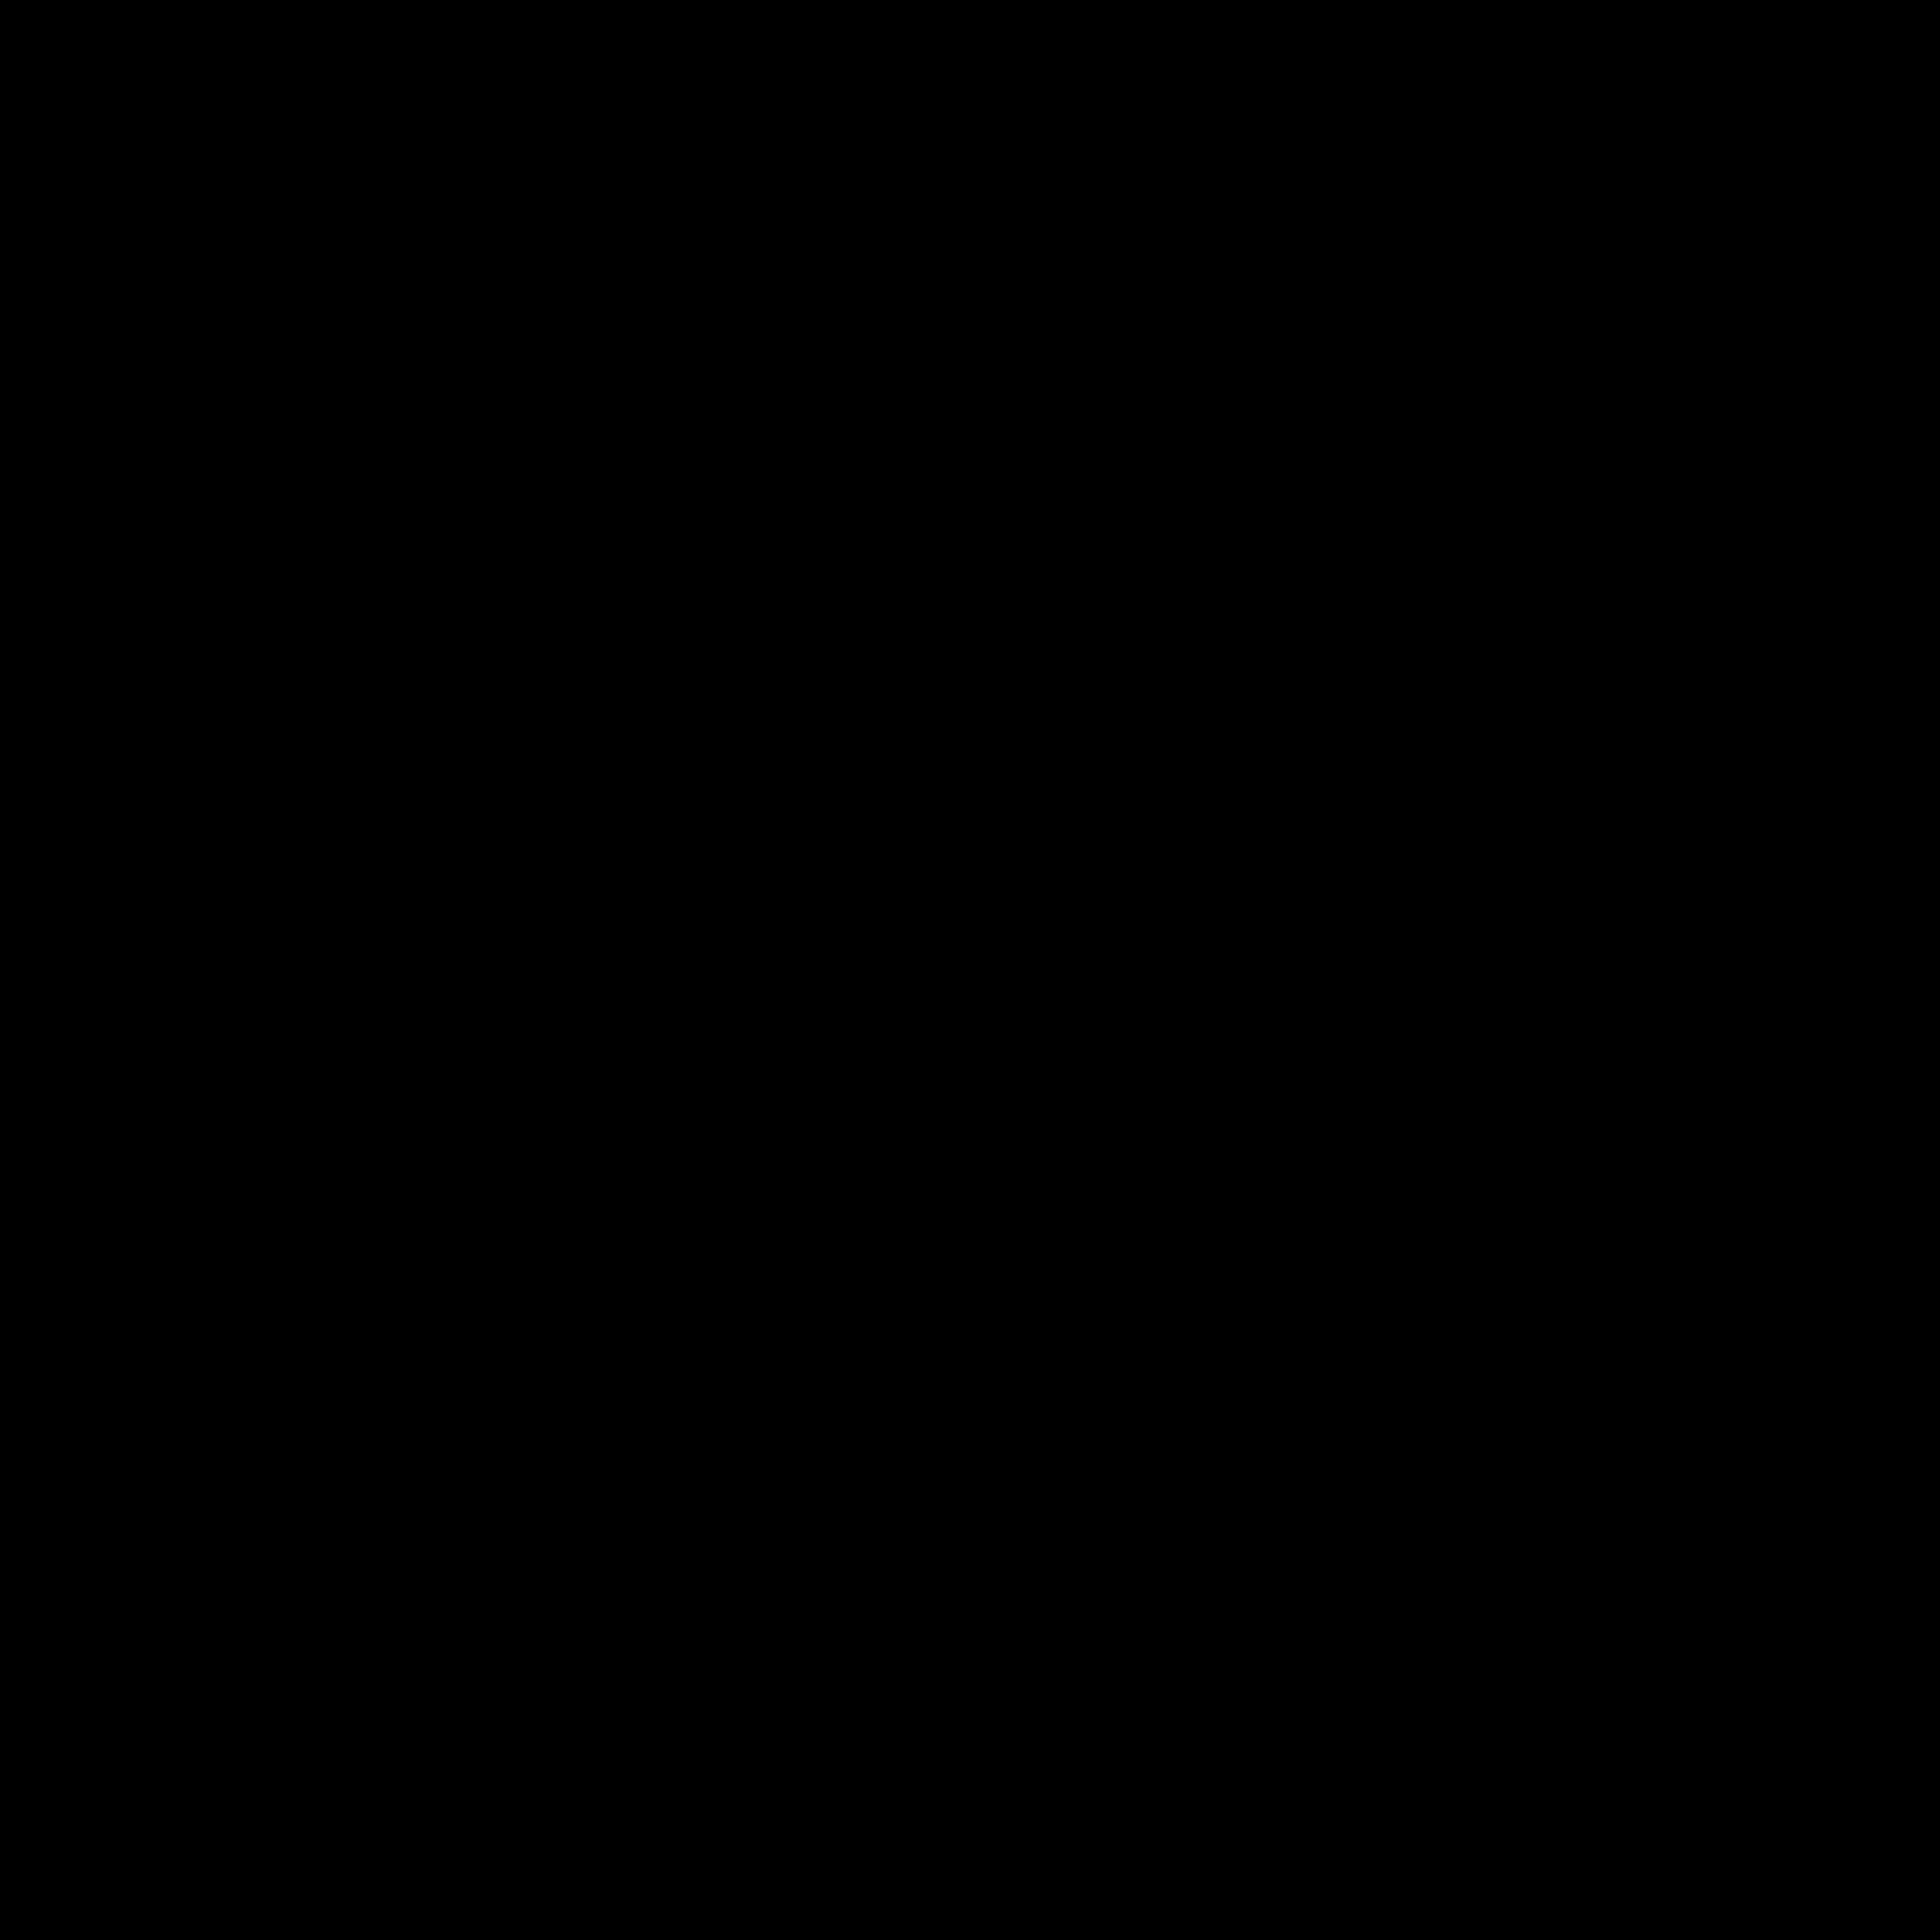 Artengo Badmintonracket BR900 Artengo Ultra Lite V voor volwassenen